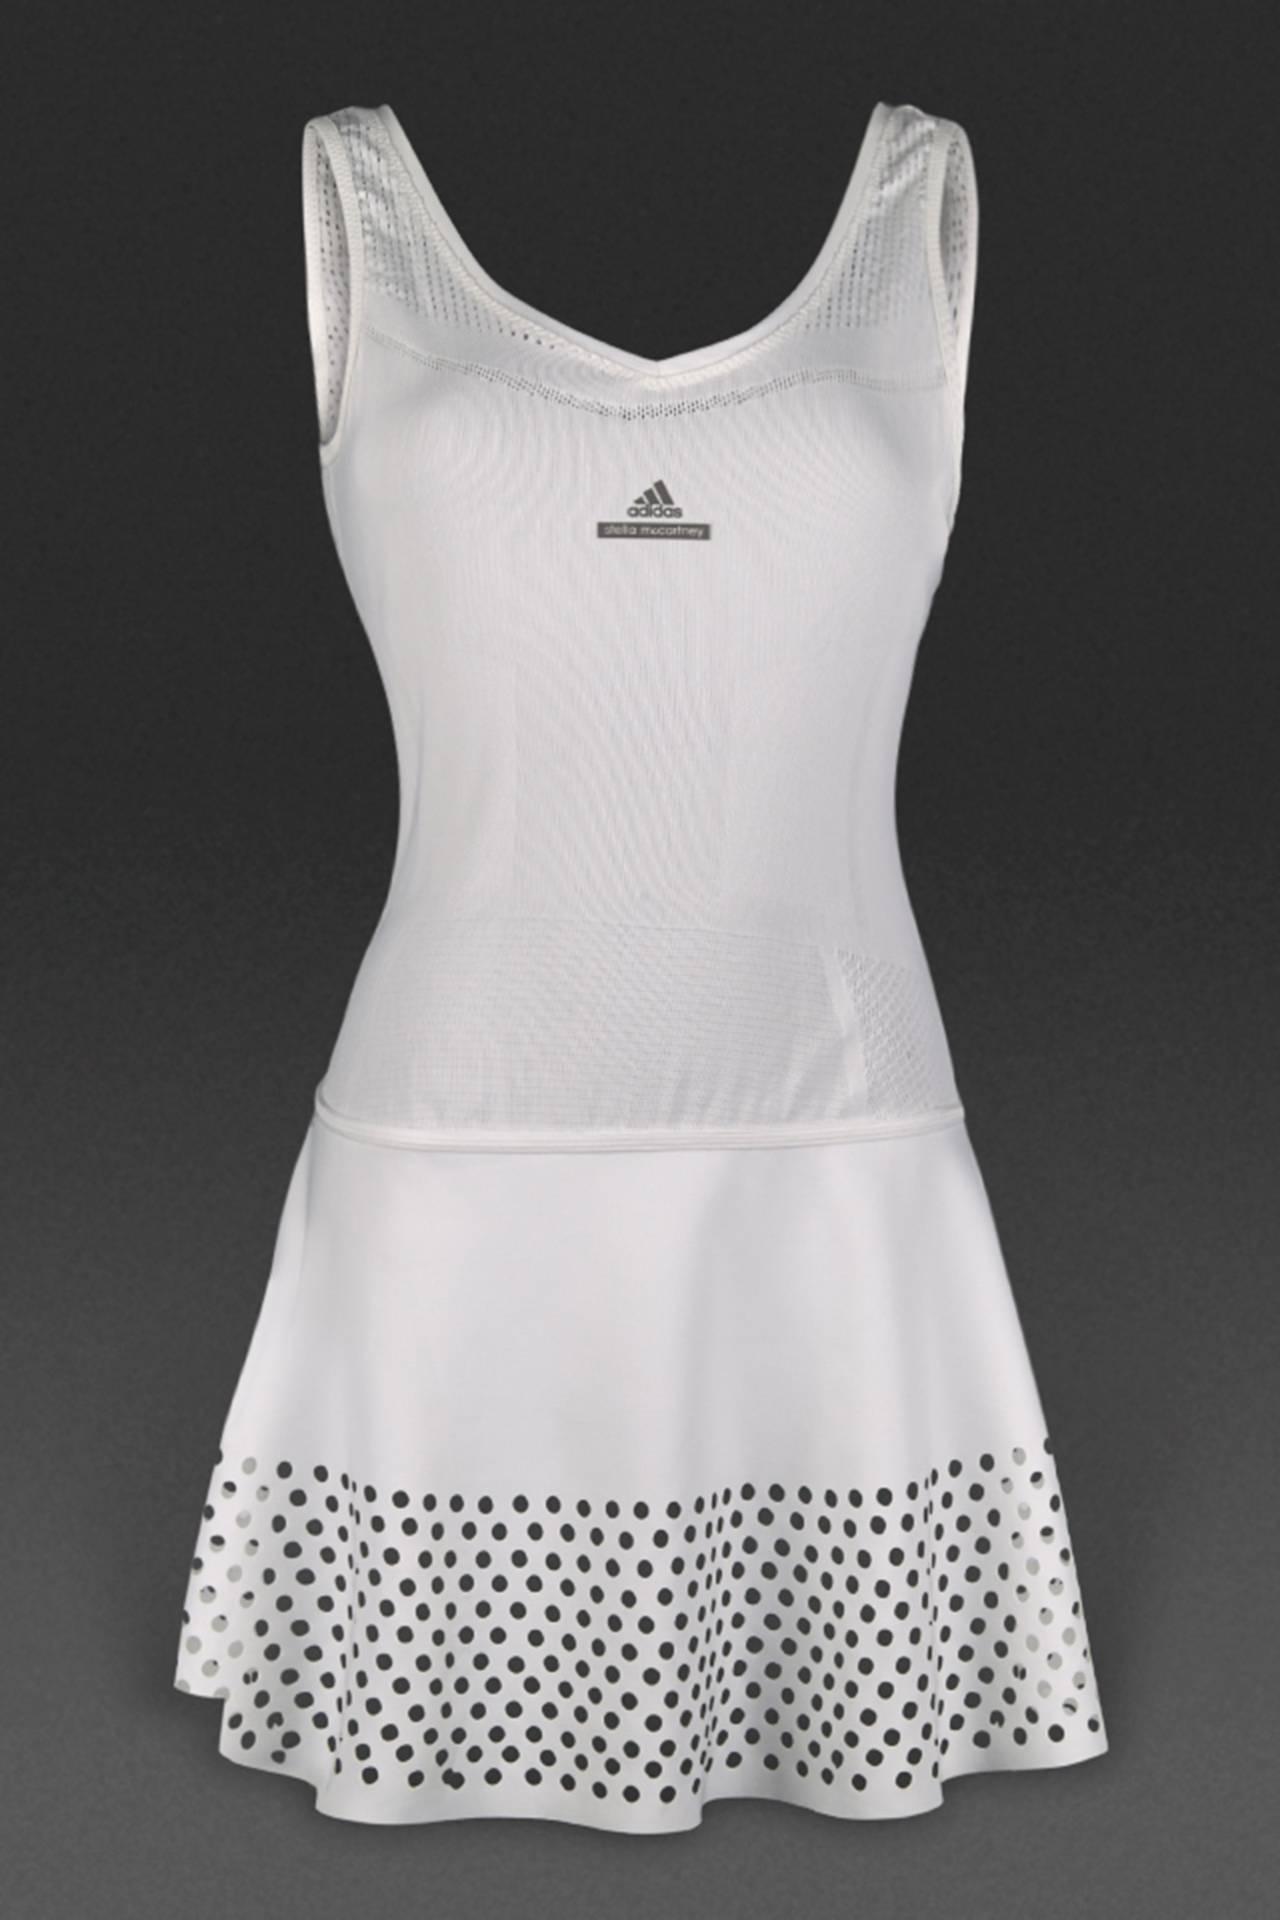 10. Robe de tennis